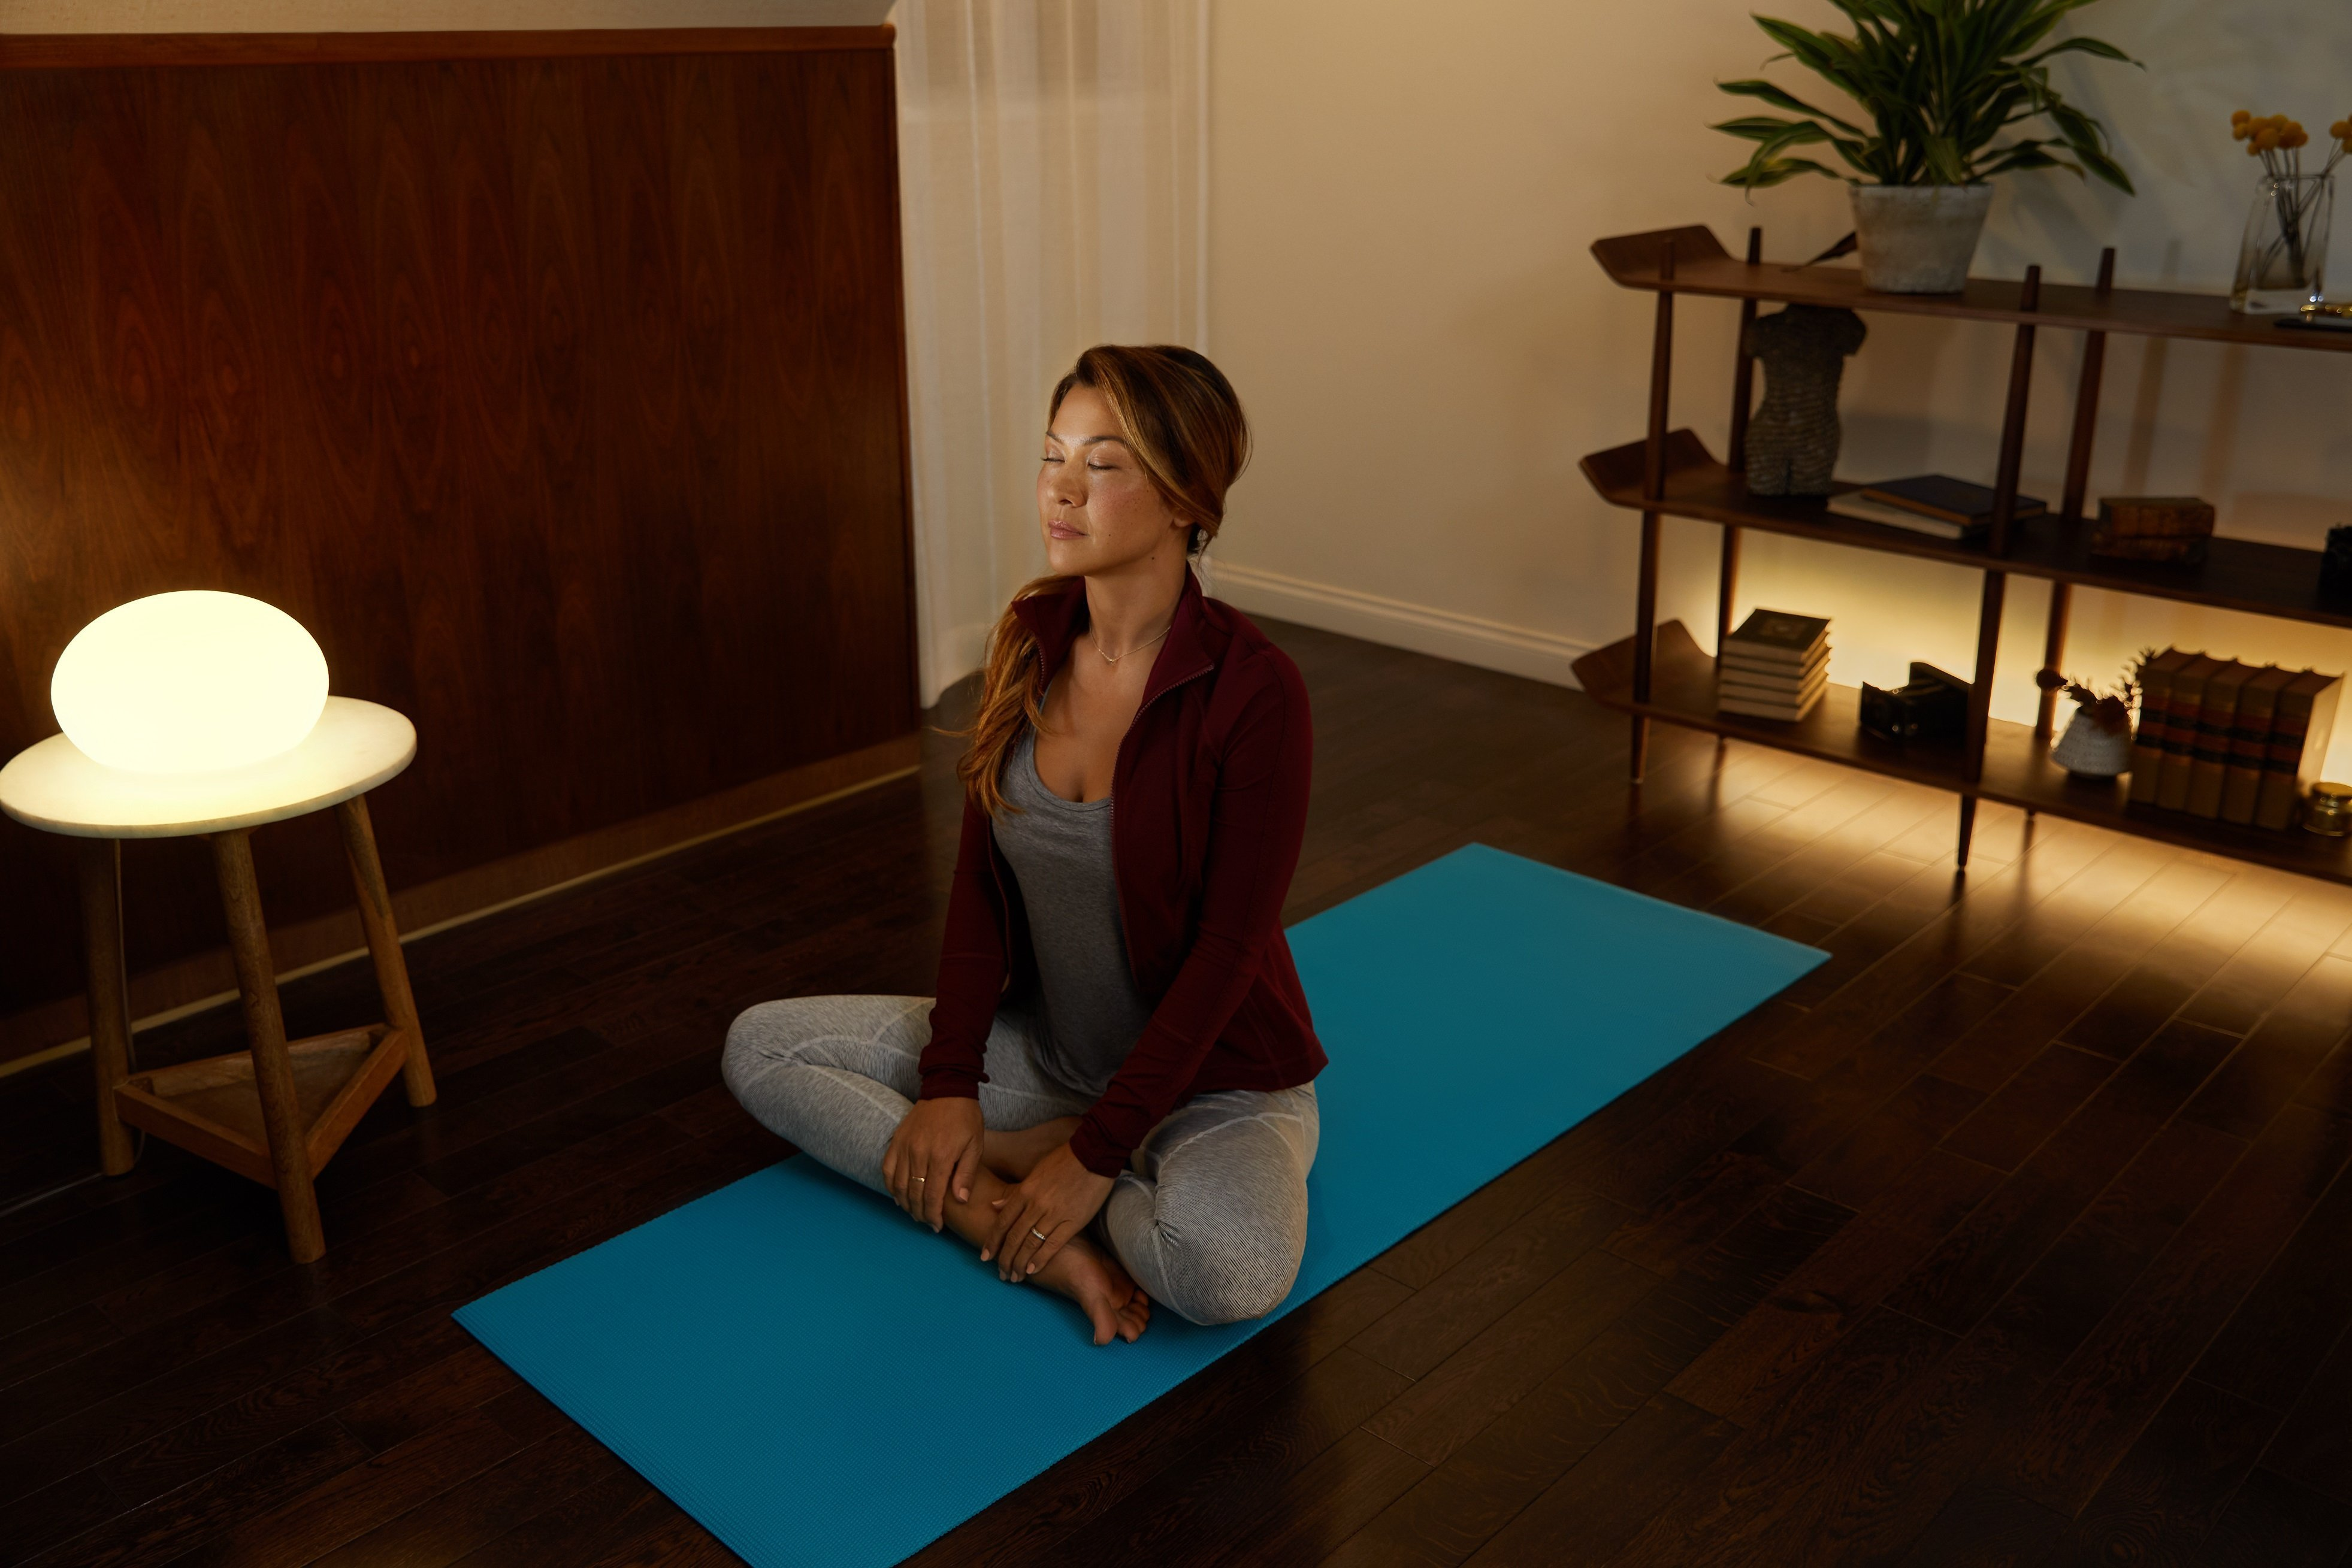 Yoga and meditation lighting